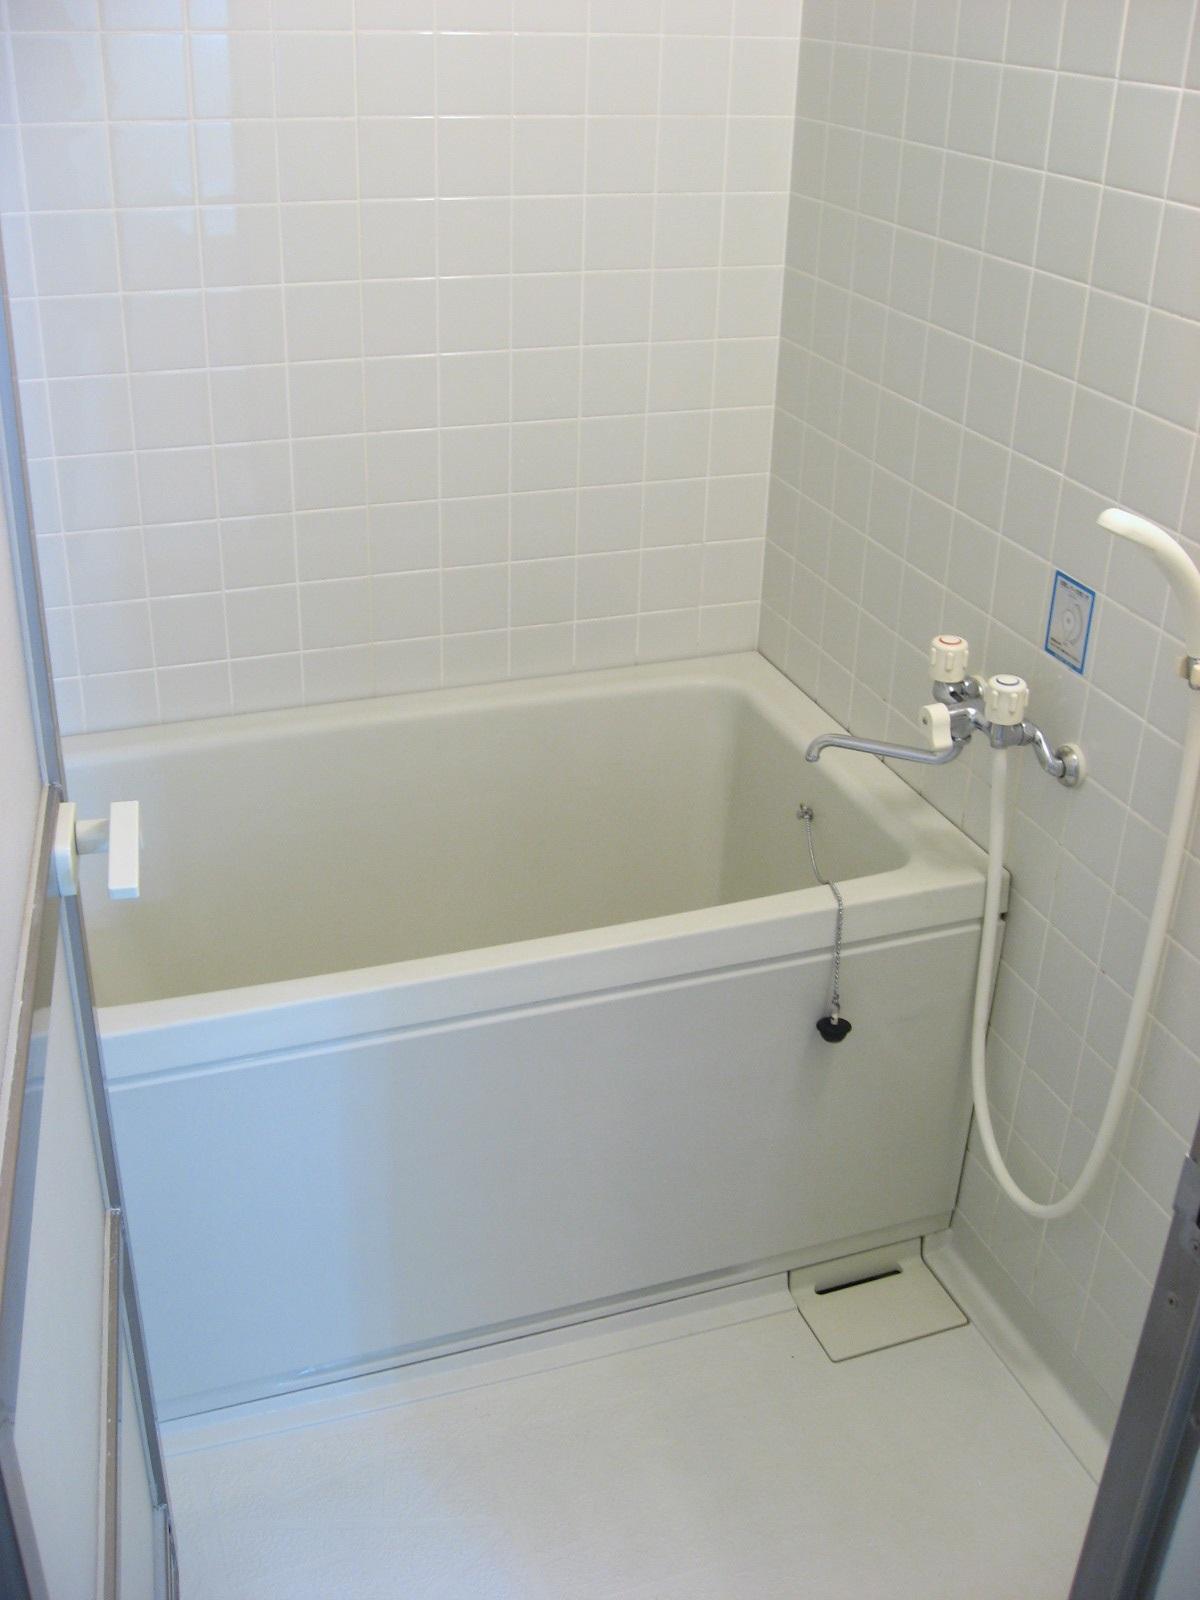 バス・シャワールーム 清潔で広めのお風呂でゆったりバスタイム!